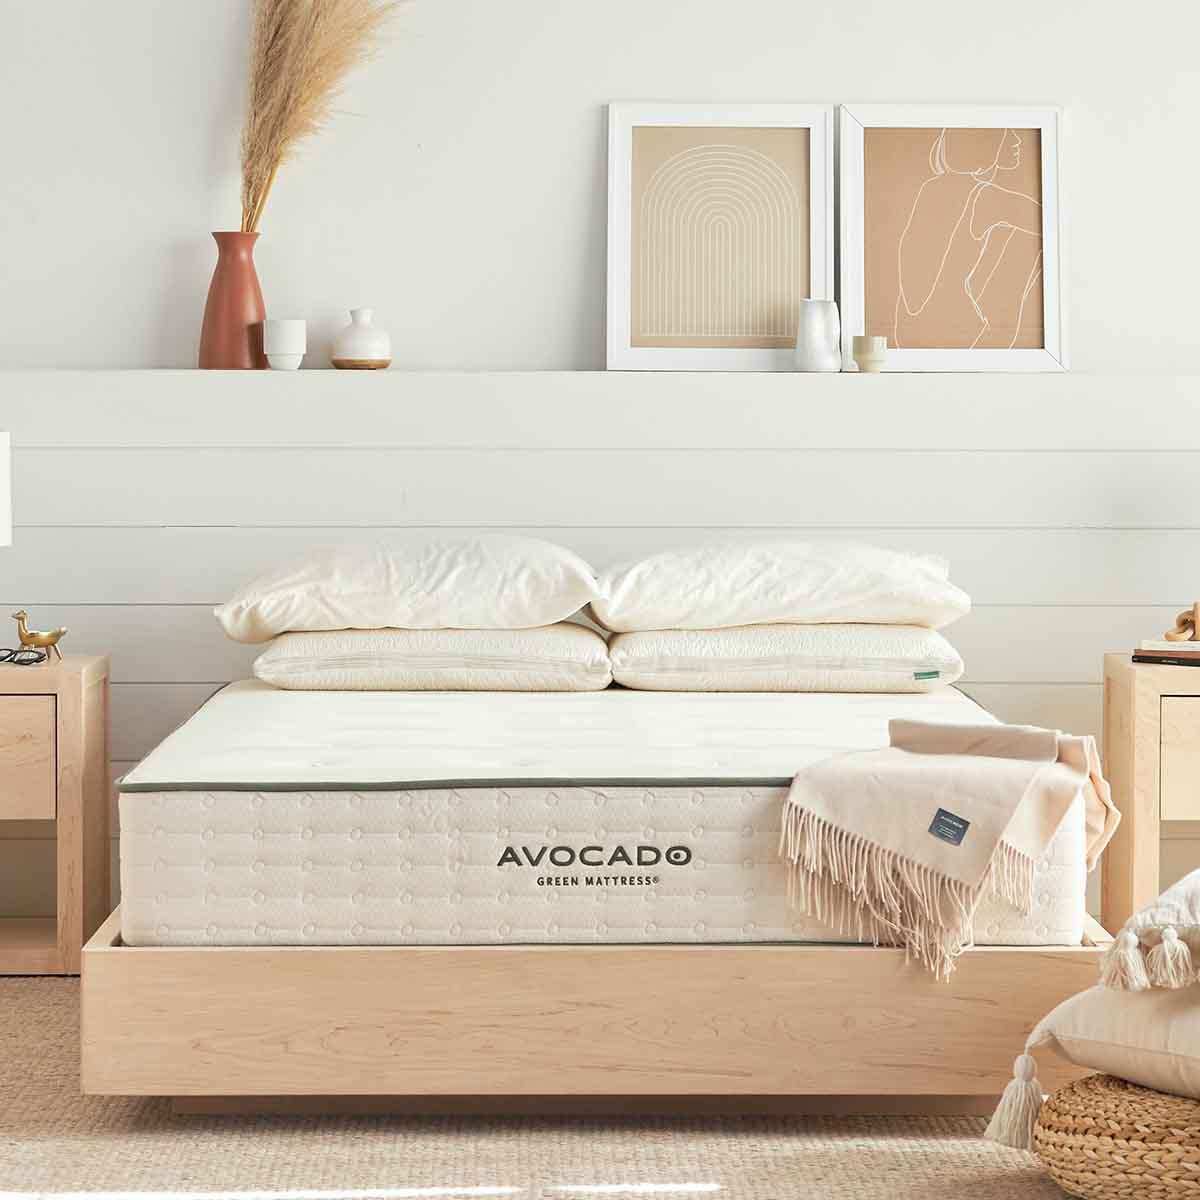 تخت خواب دو نفره ساخته شده از چوب افرا